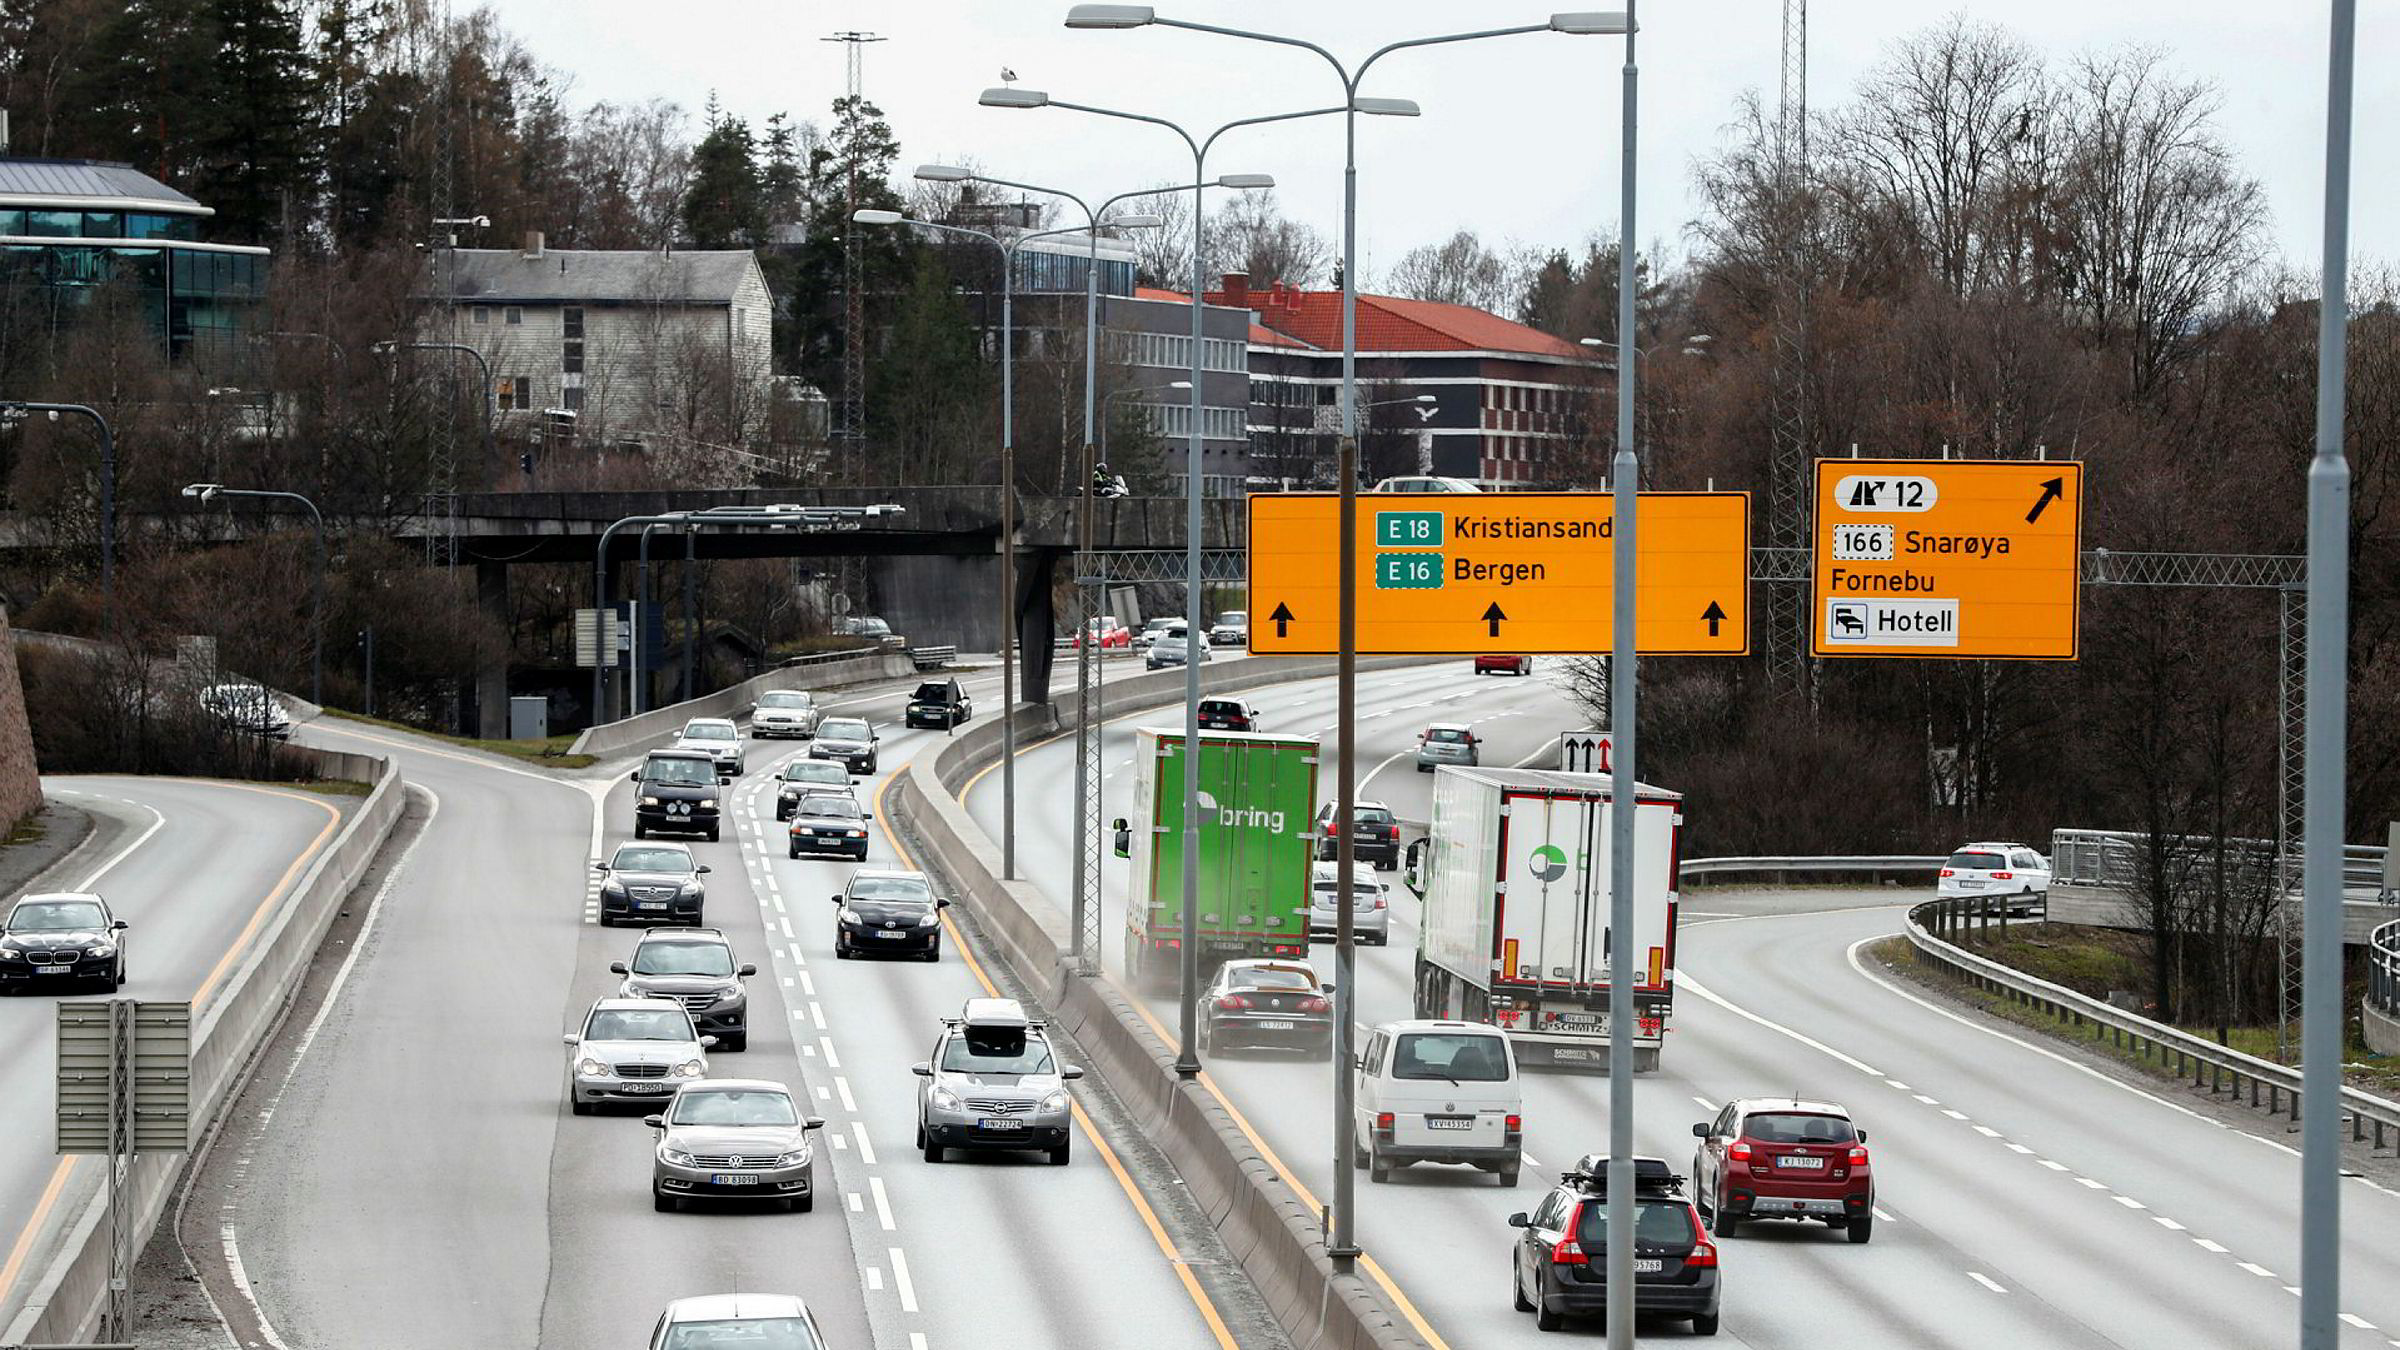 Regjeringen og samferdselsminister Kjetil Solvik-Olsen har svært forskjellig syn fra byrådet i Oslo på hva som er hovedformålet med utbyggingen av E 18 Vestkorridoren.